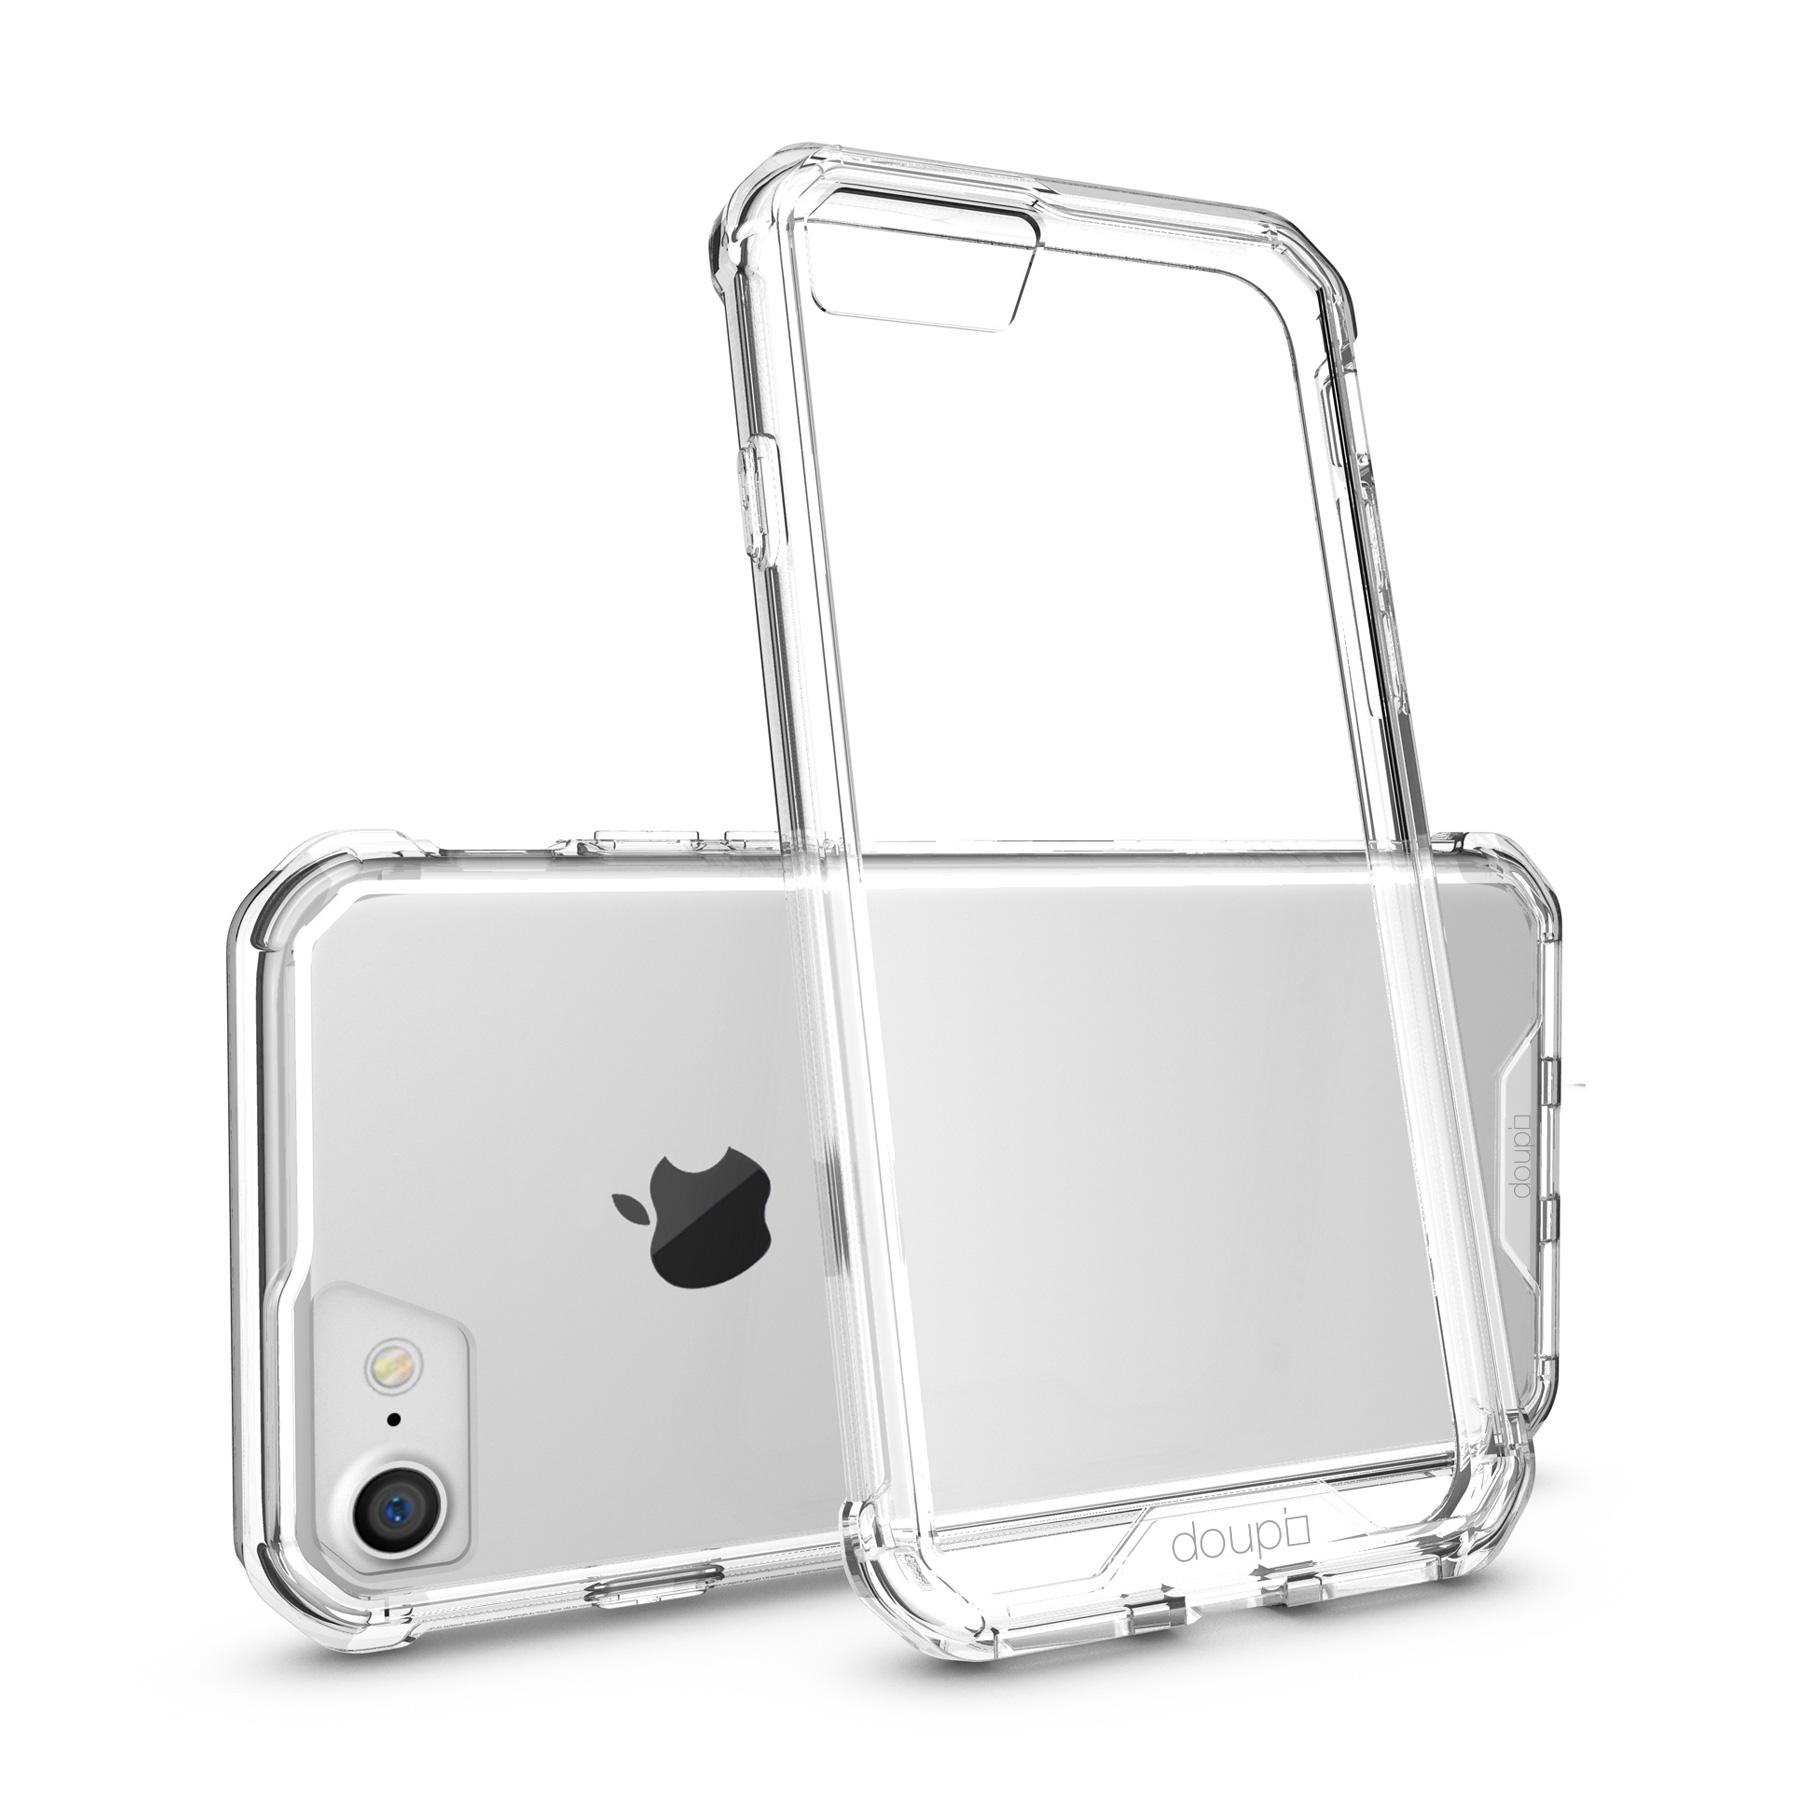 AirClear-Case-iPhone-8-7-4-7-034-Rueckschale-Bumper-Rahmen-Schutz-Huelle-Folie Indexbild 22